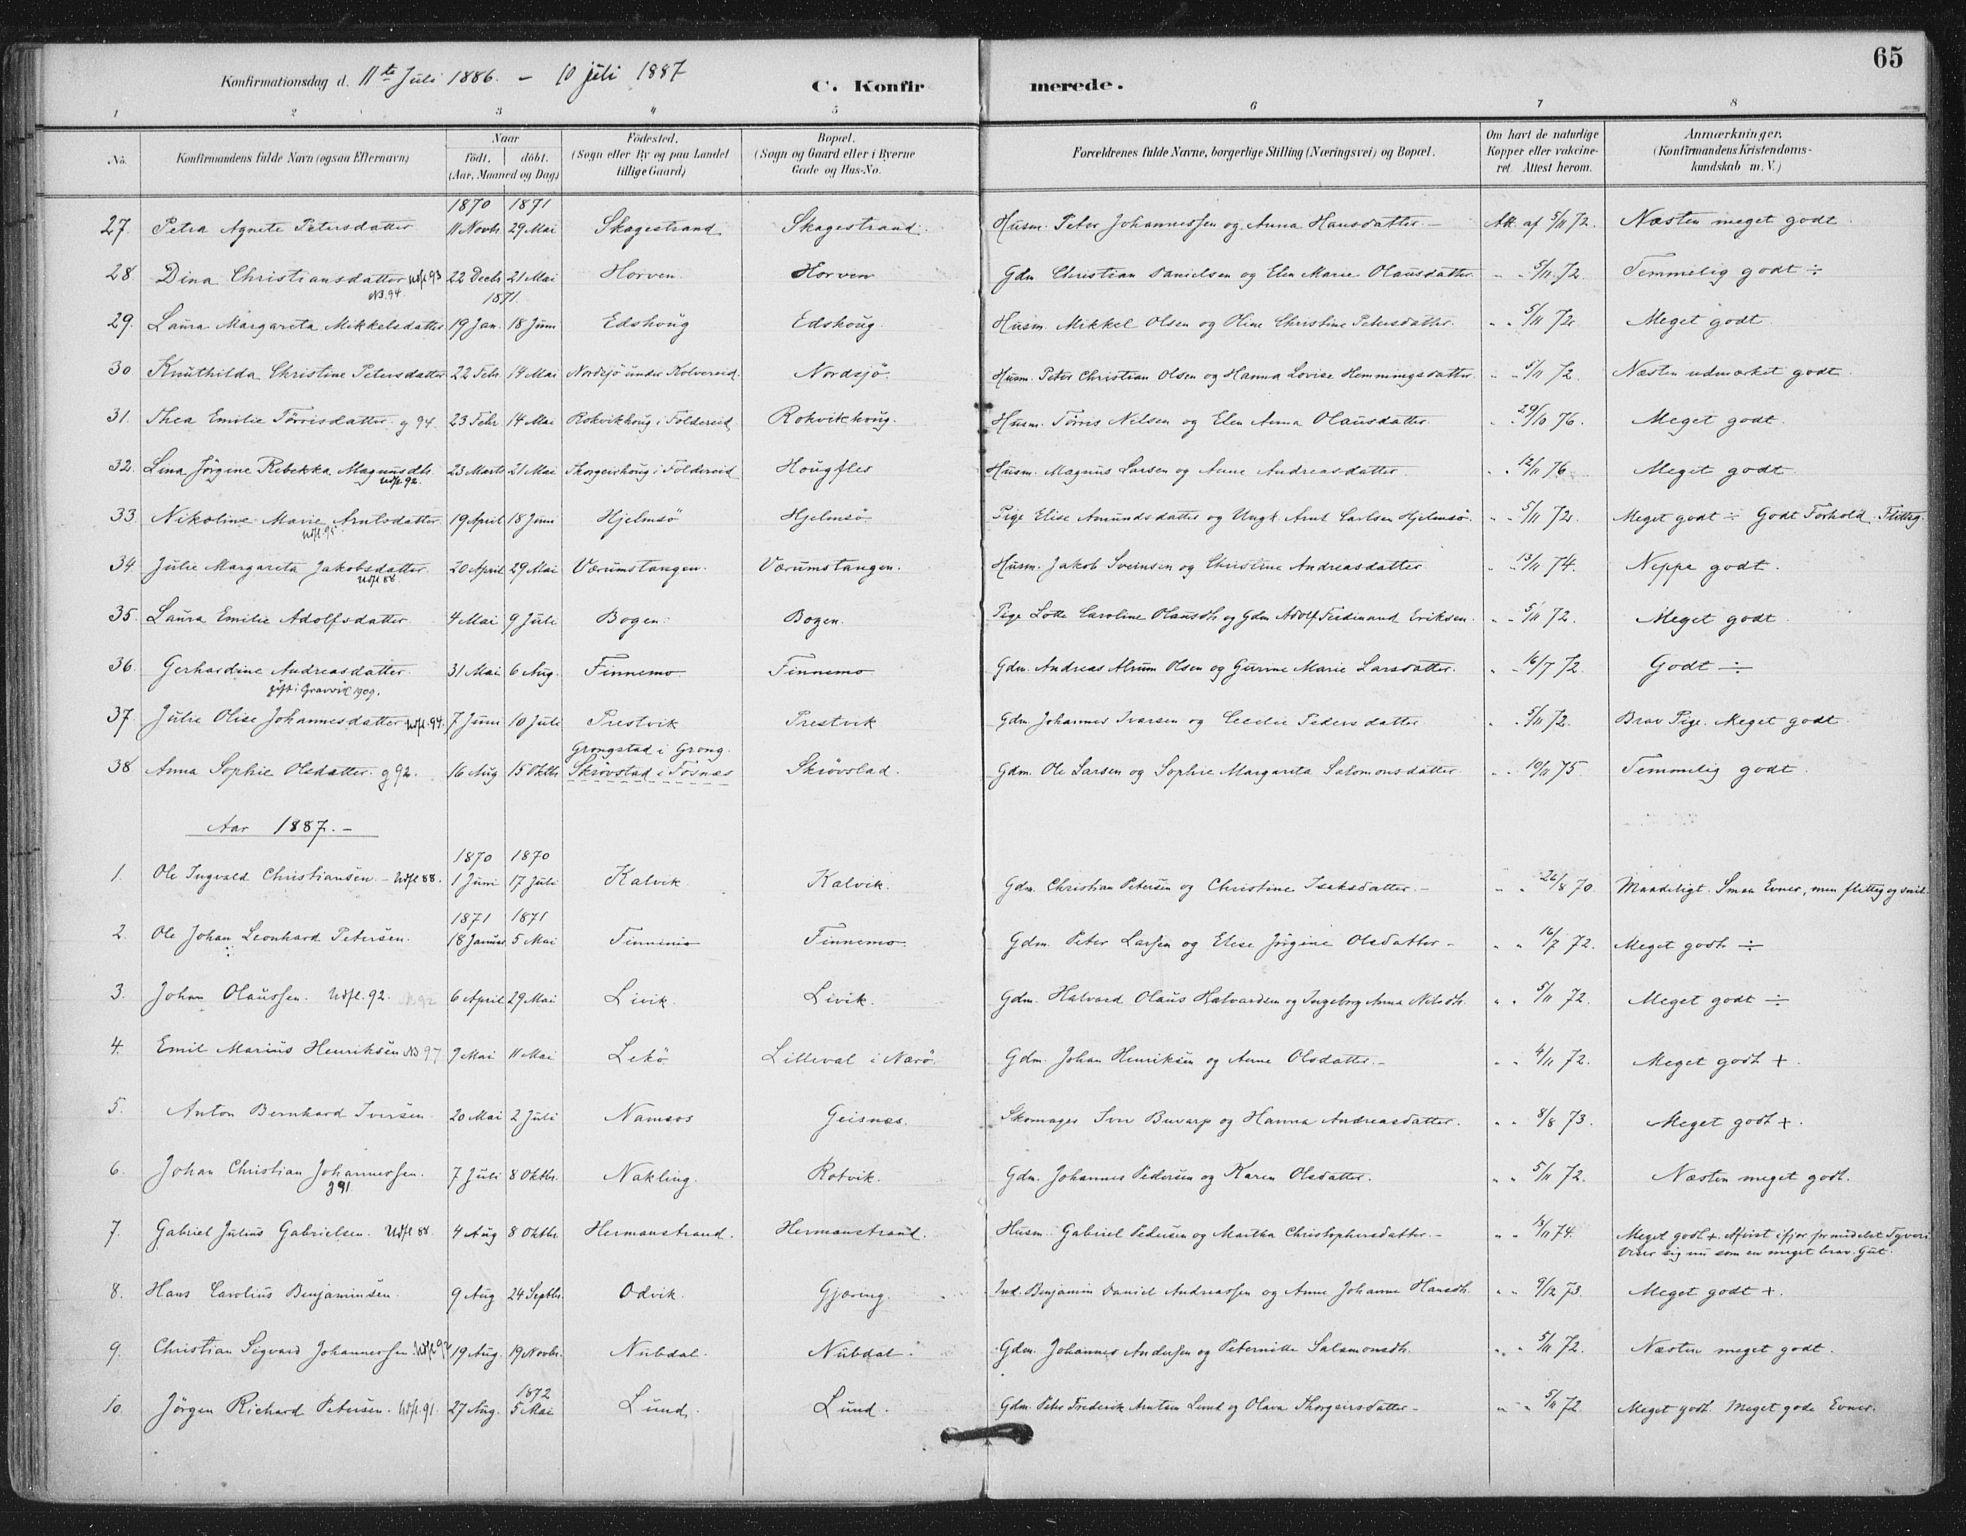 SAT, Ministerialprotokoller, klokkerbøker og fødselsregistre - Nord-Trøndelag, 780/L0644: Ministerialbok nr. 780A08, 1886-1903, s. 65